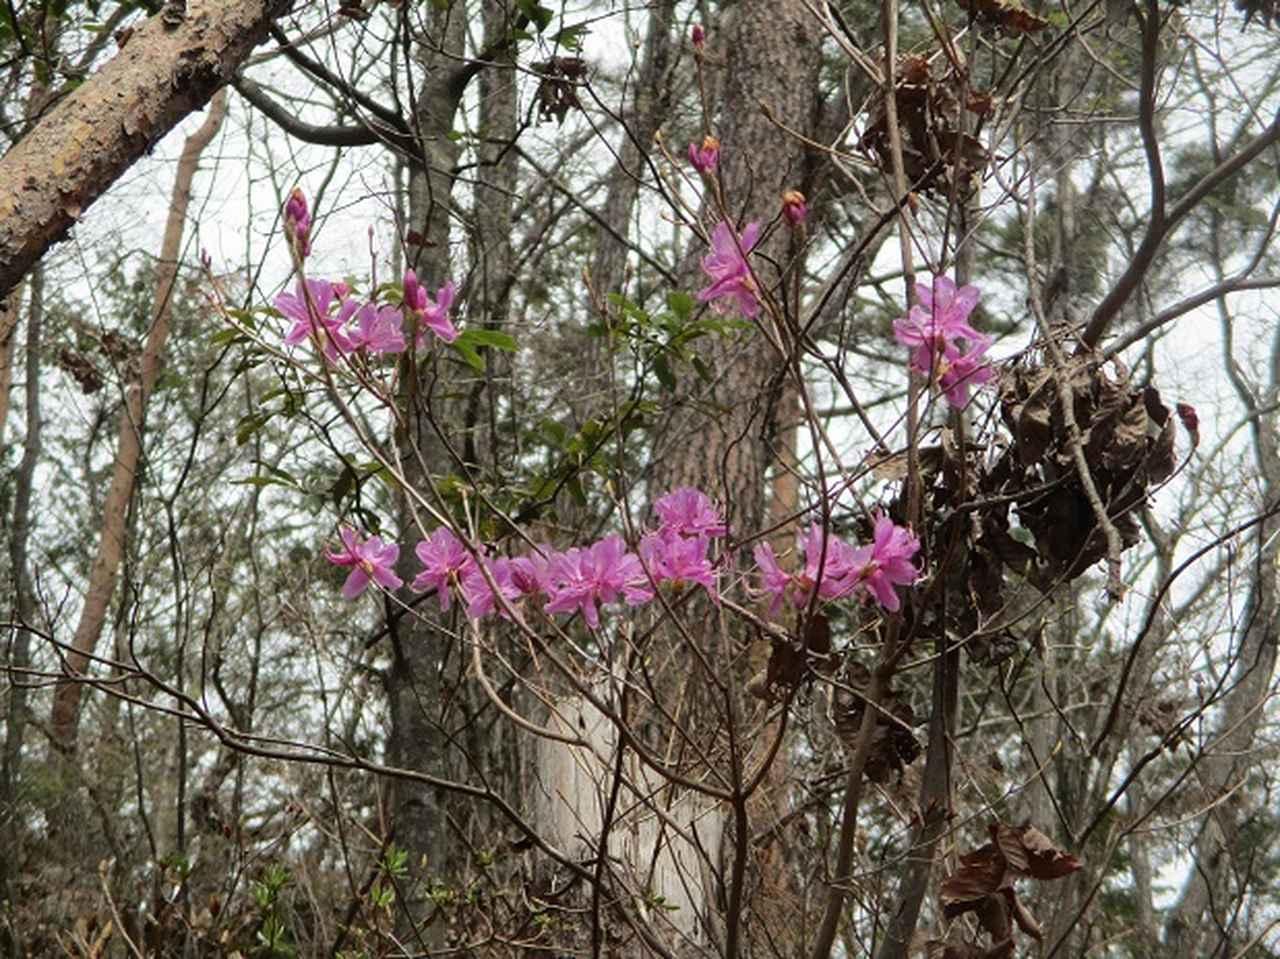 画像6: 4月17日に山旅会 百蔵(ももくら)山 のツアーに行ってきました!